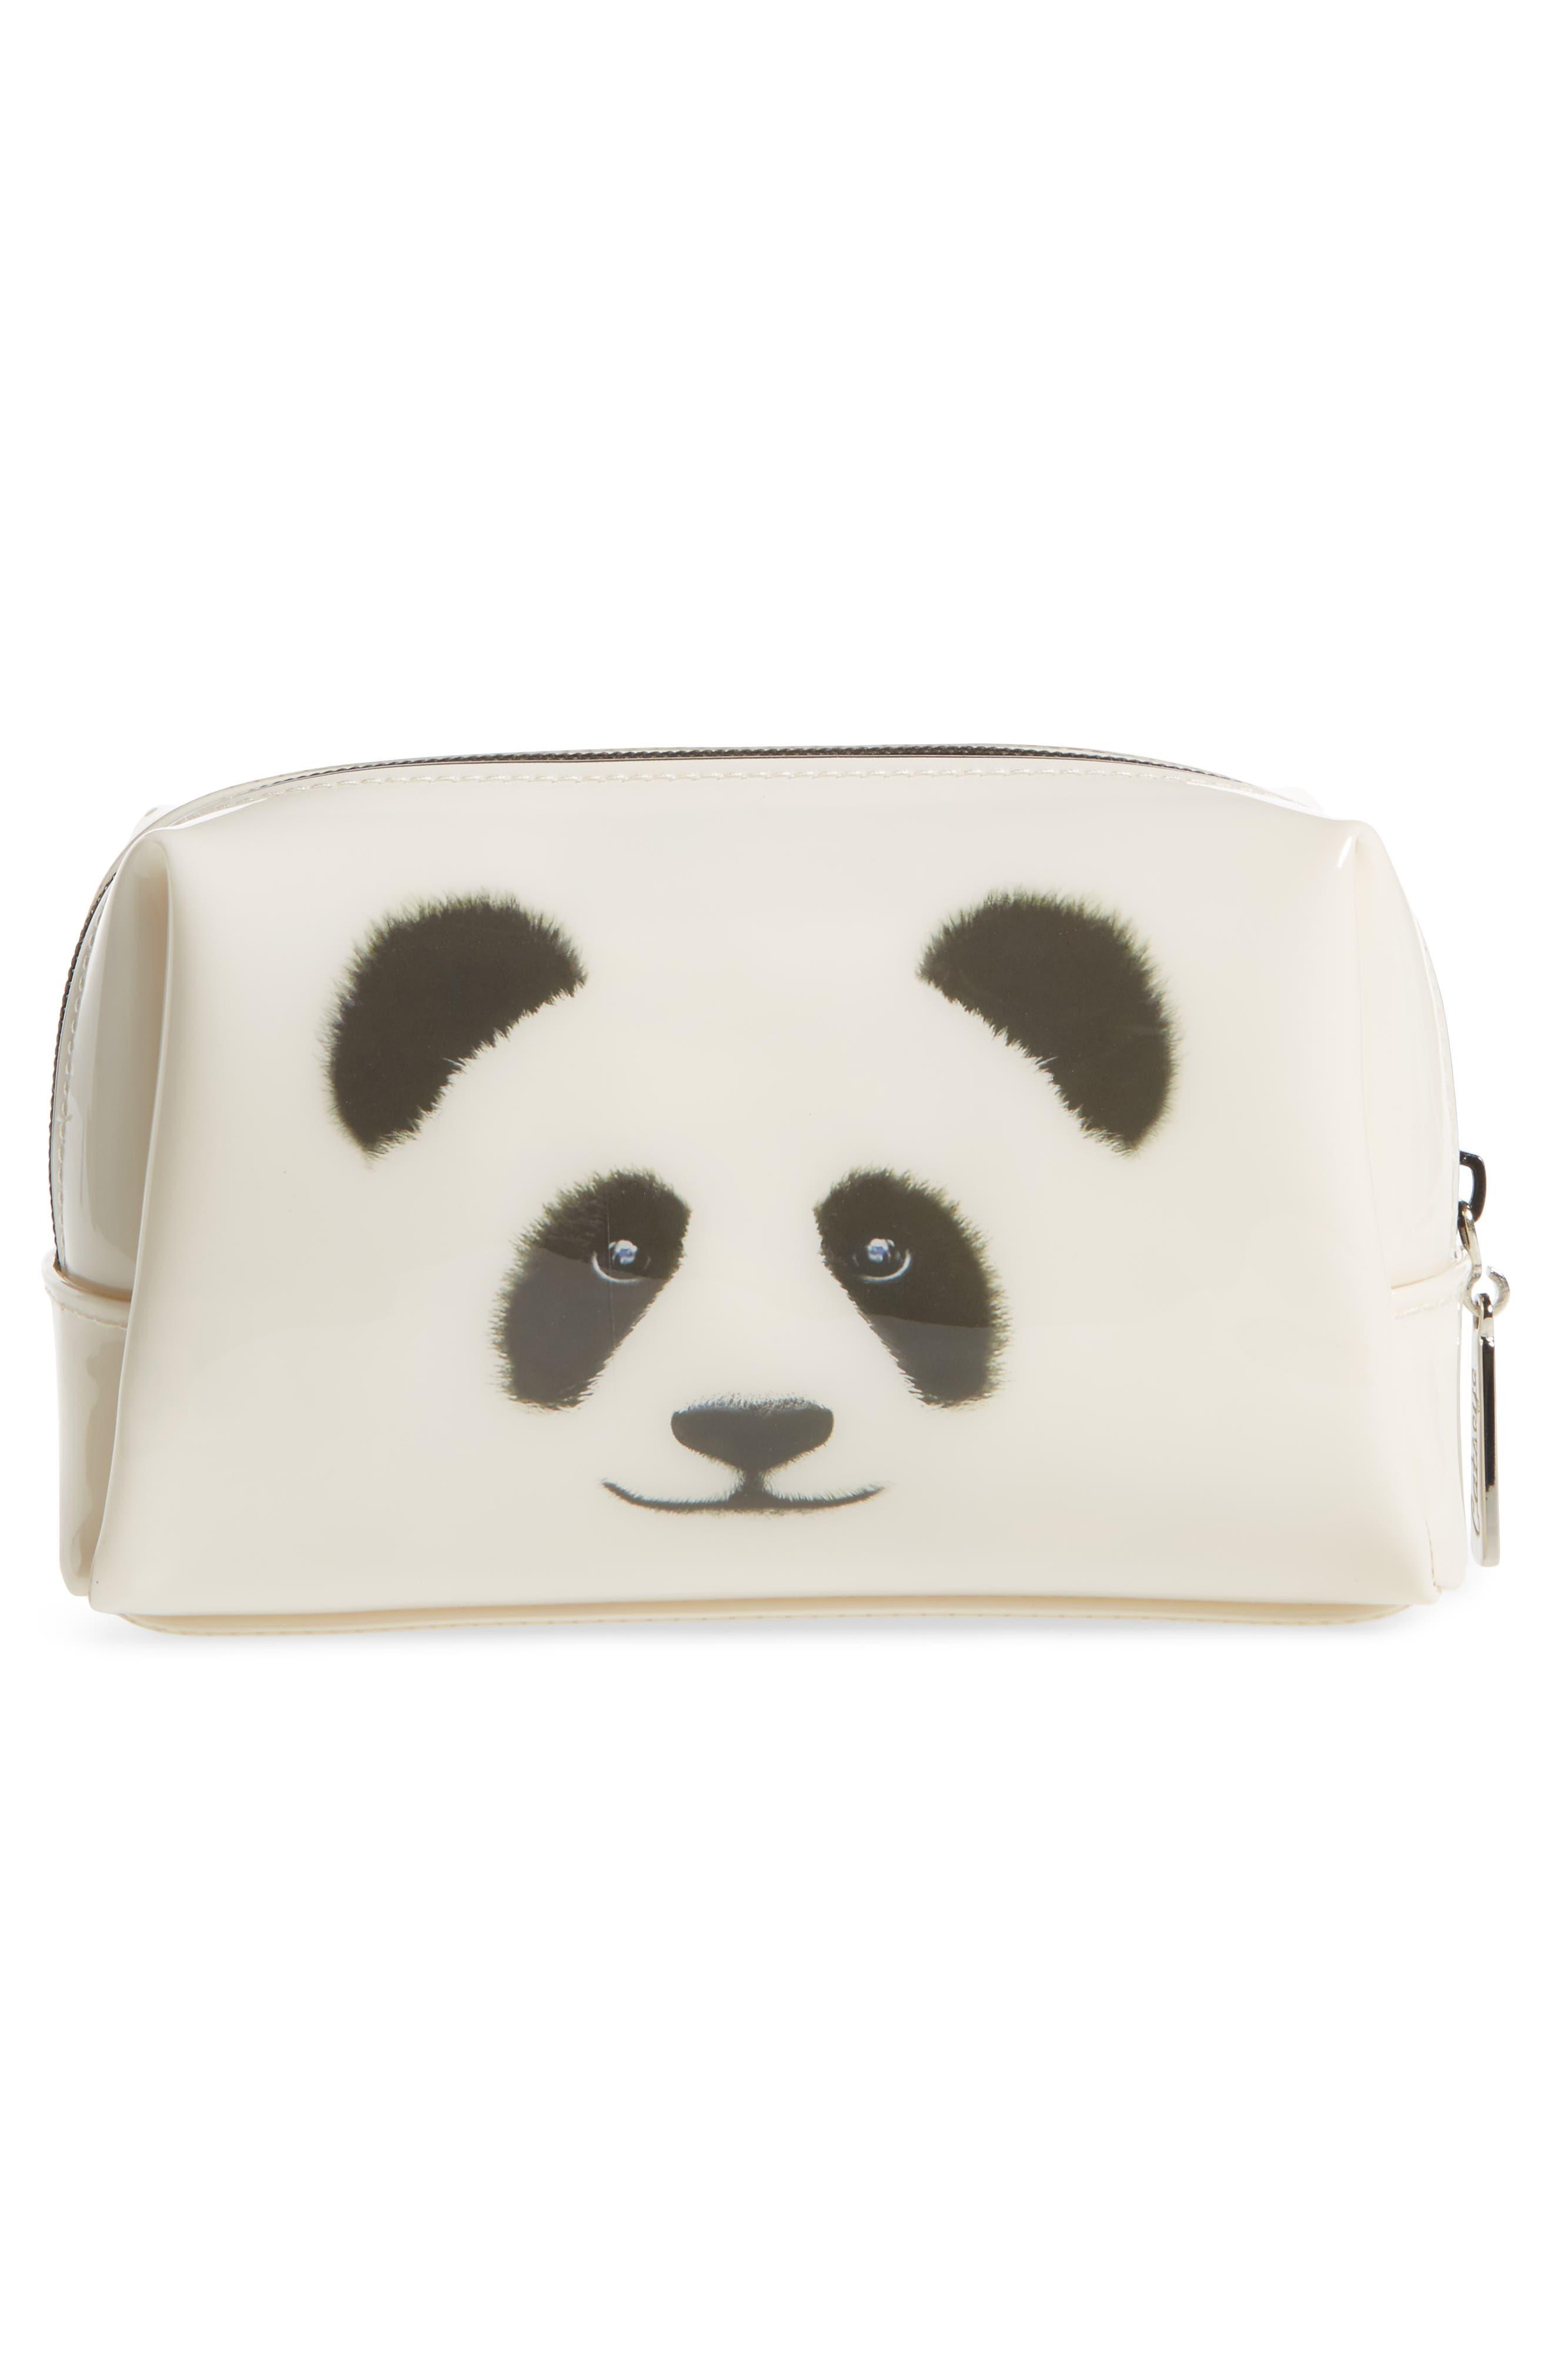 Alternate Image 2  - Catseye London Monochrome Panda Cosmetics Case